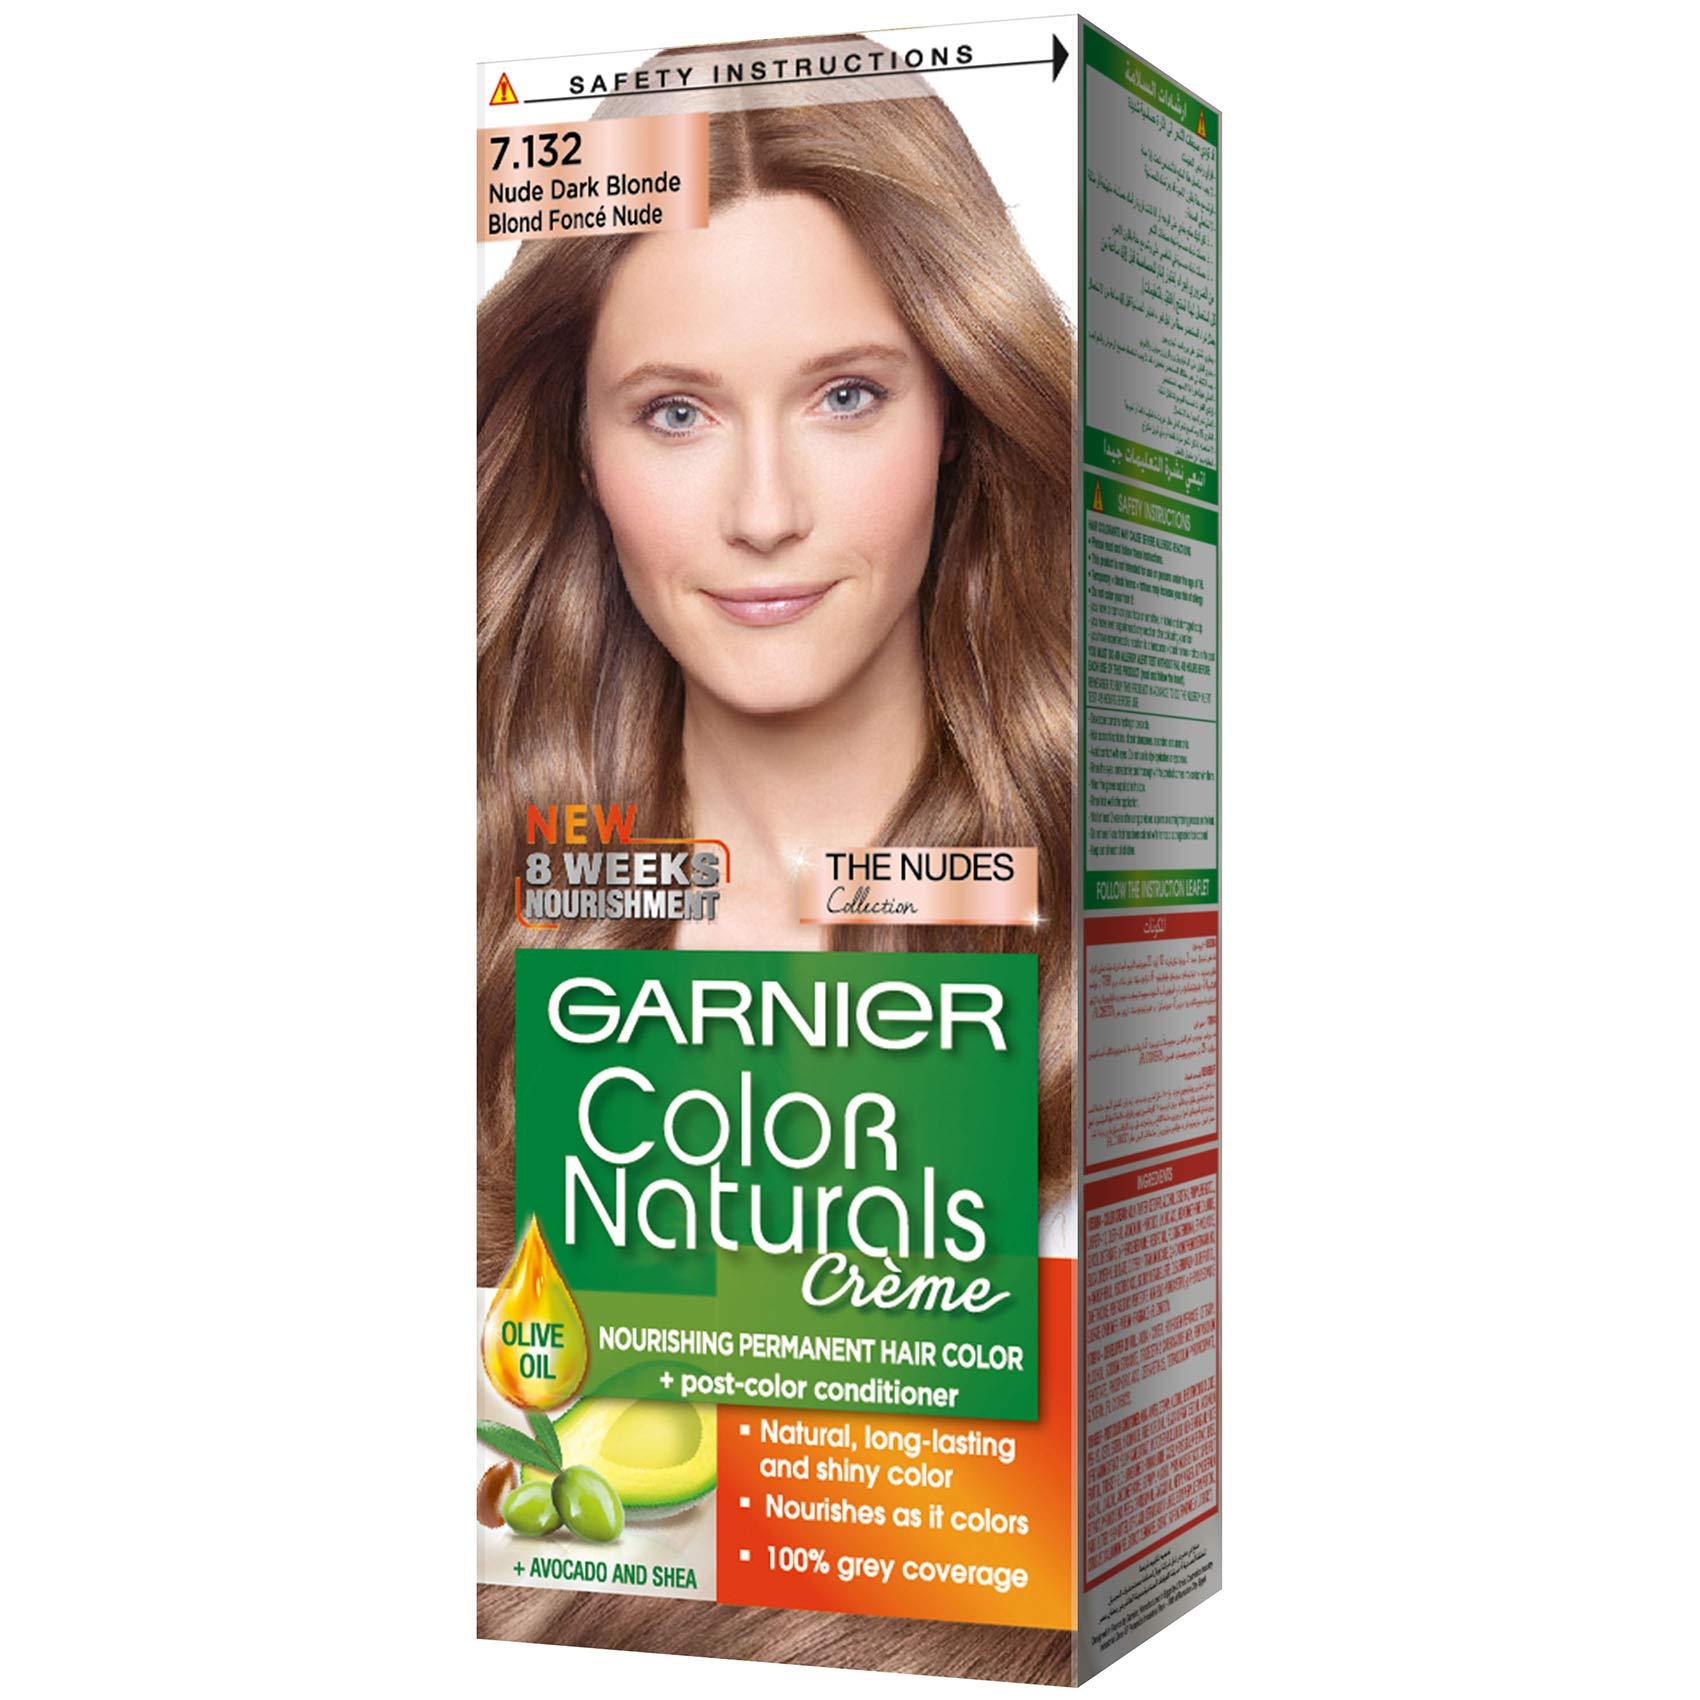 Buy Hair Color For 8 Weeks Nourishing - Garnier